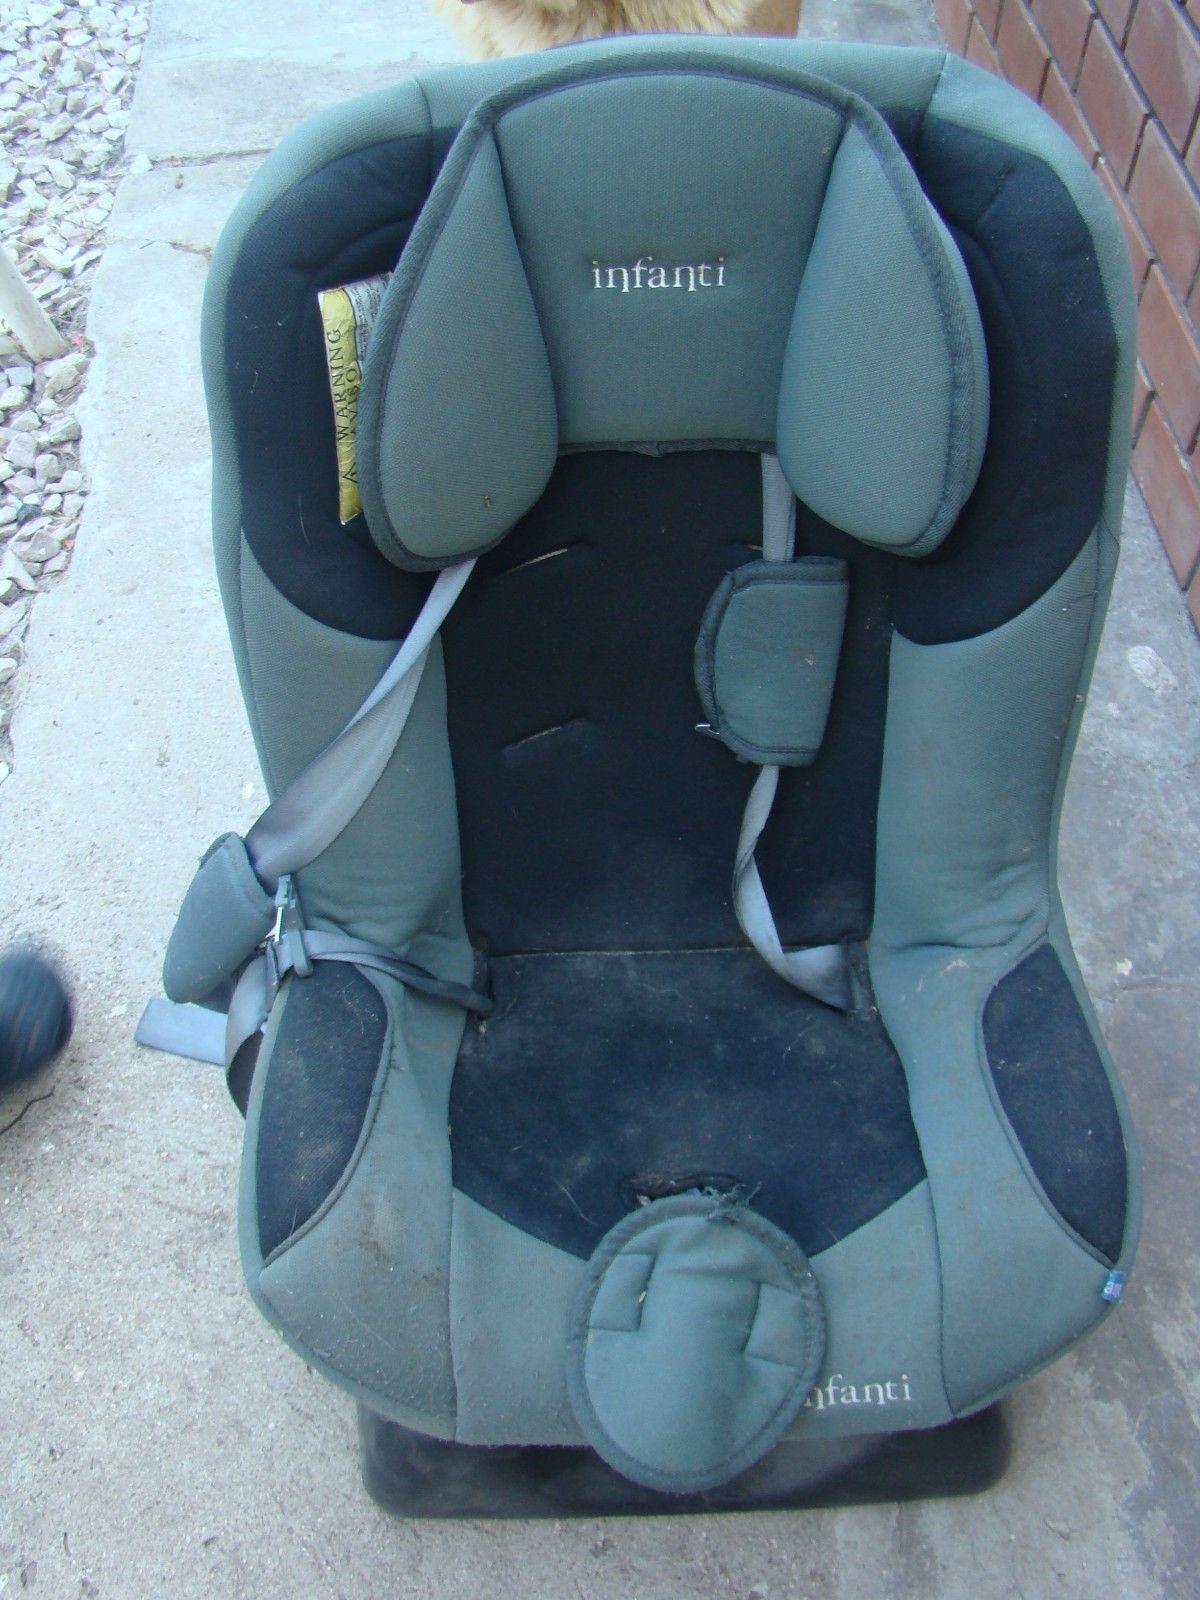 silla de bebe para auto ni os y beb s